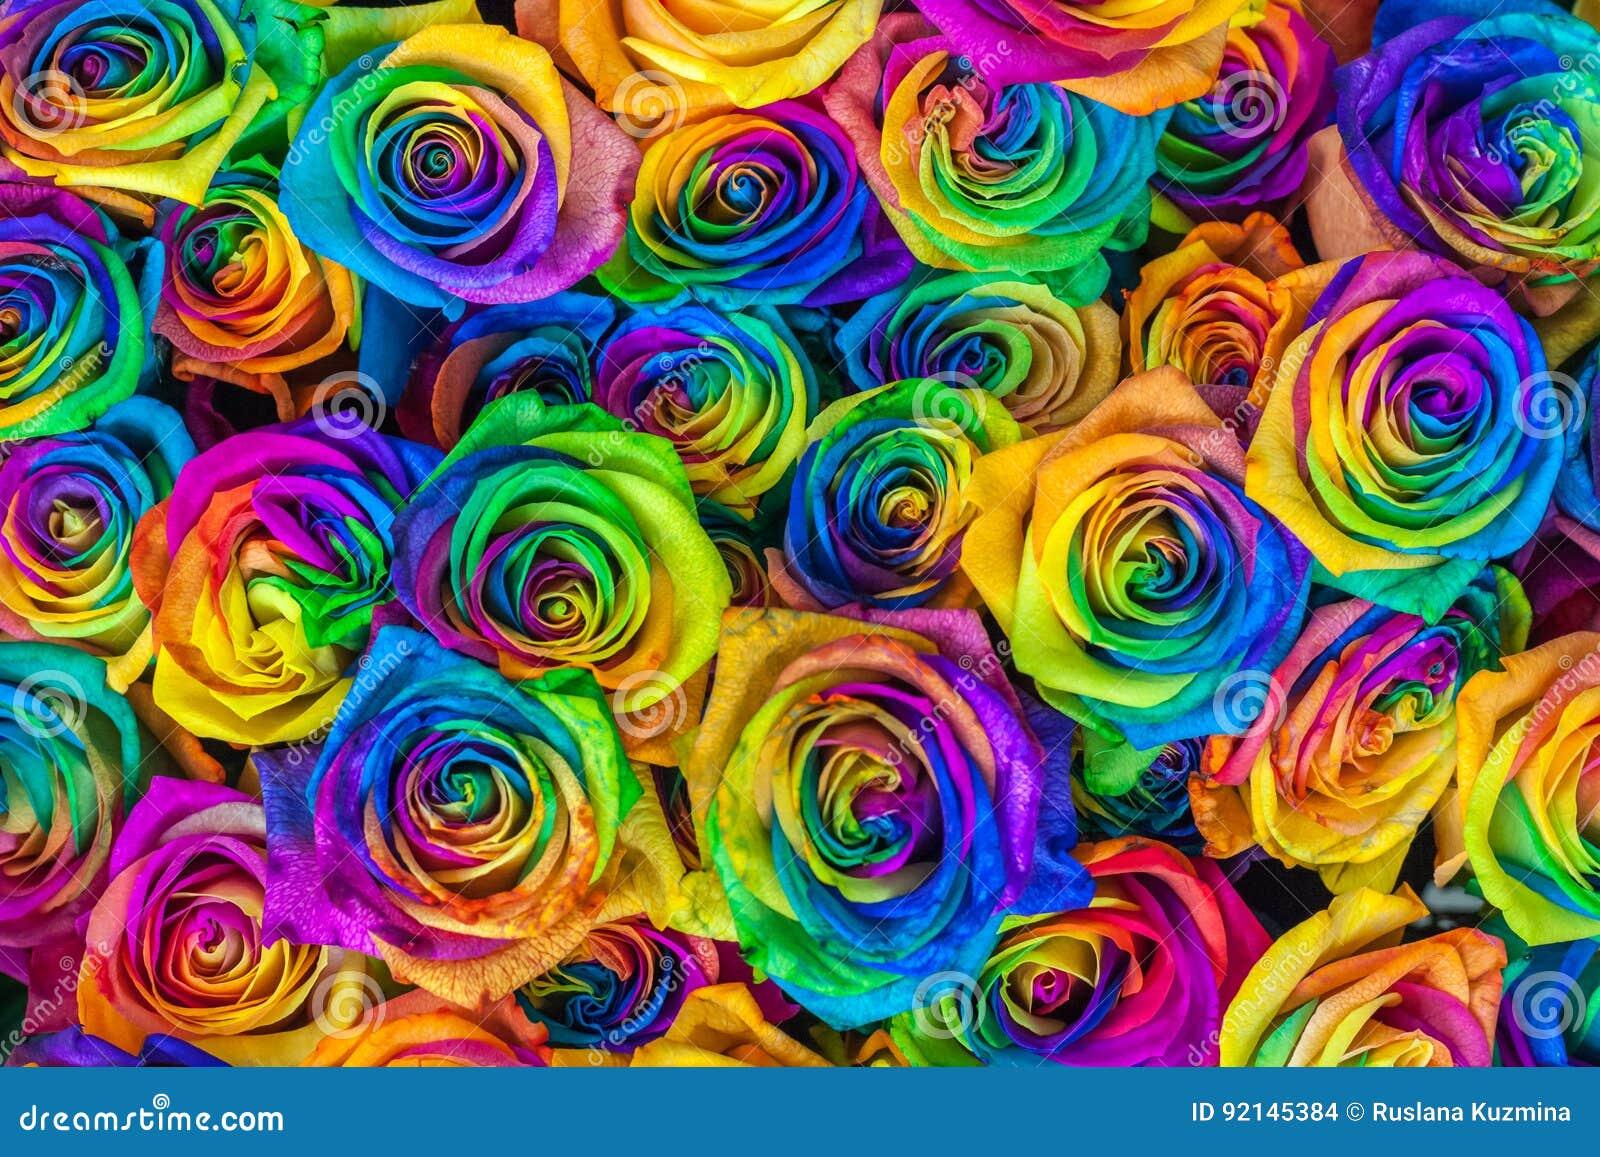 Verse mooie trillende veelkleurige rozenbloemen voor bloemenachtergrond De regenboog kleurde unieke en speciale rozen bovenkant